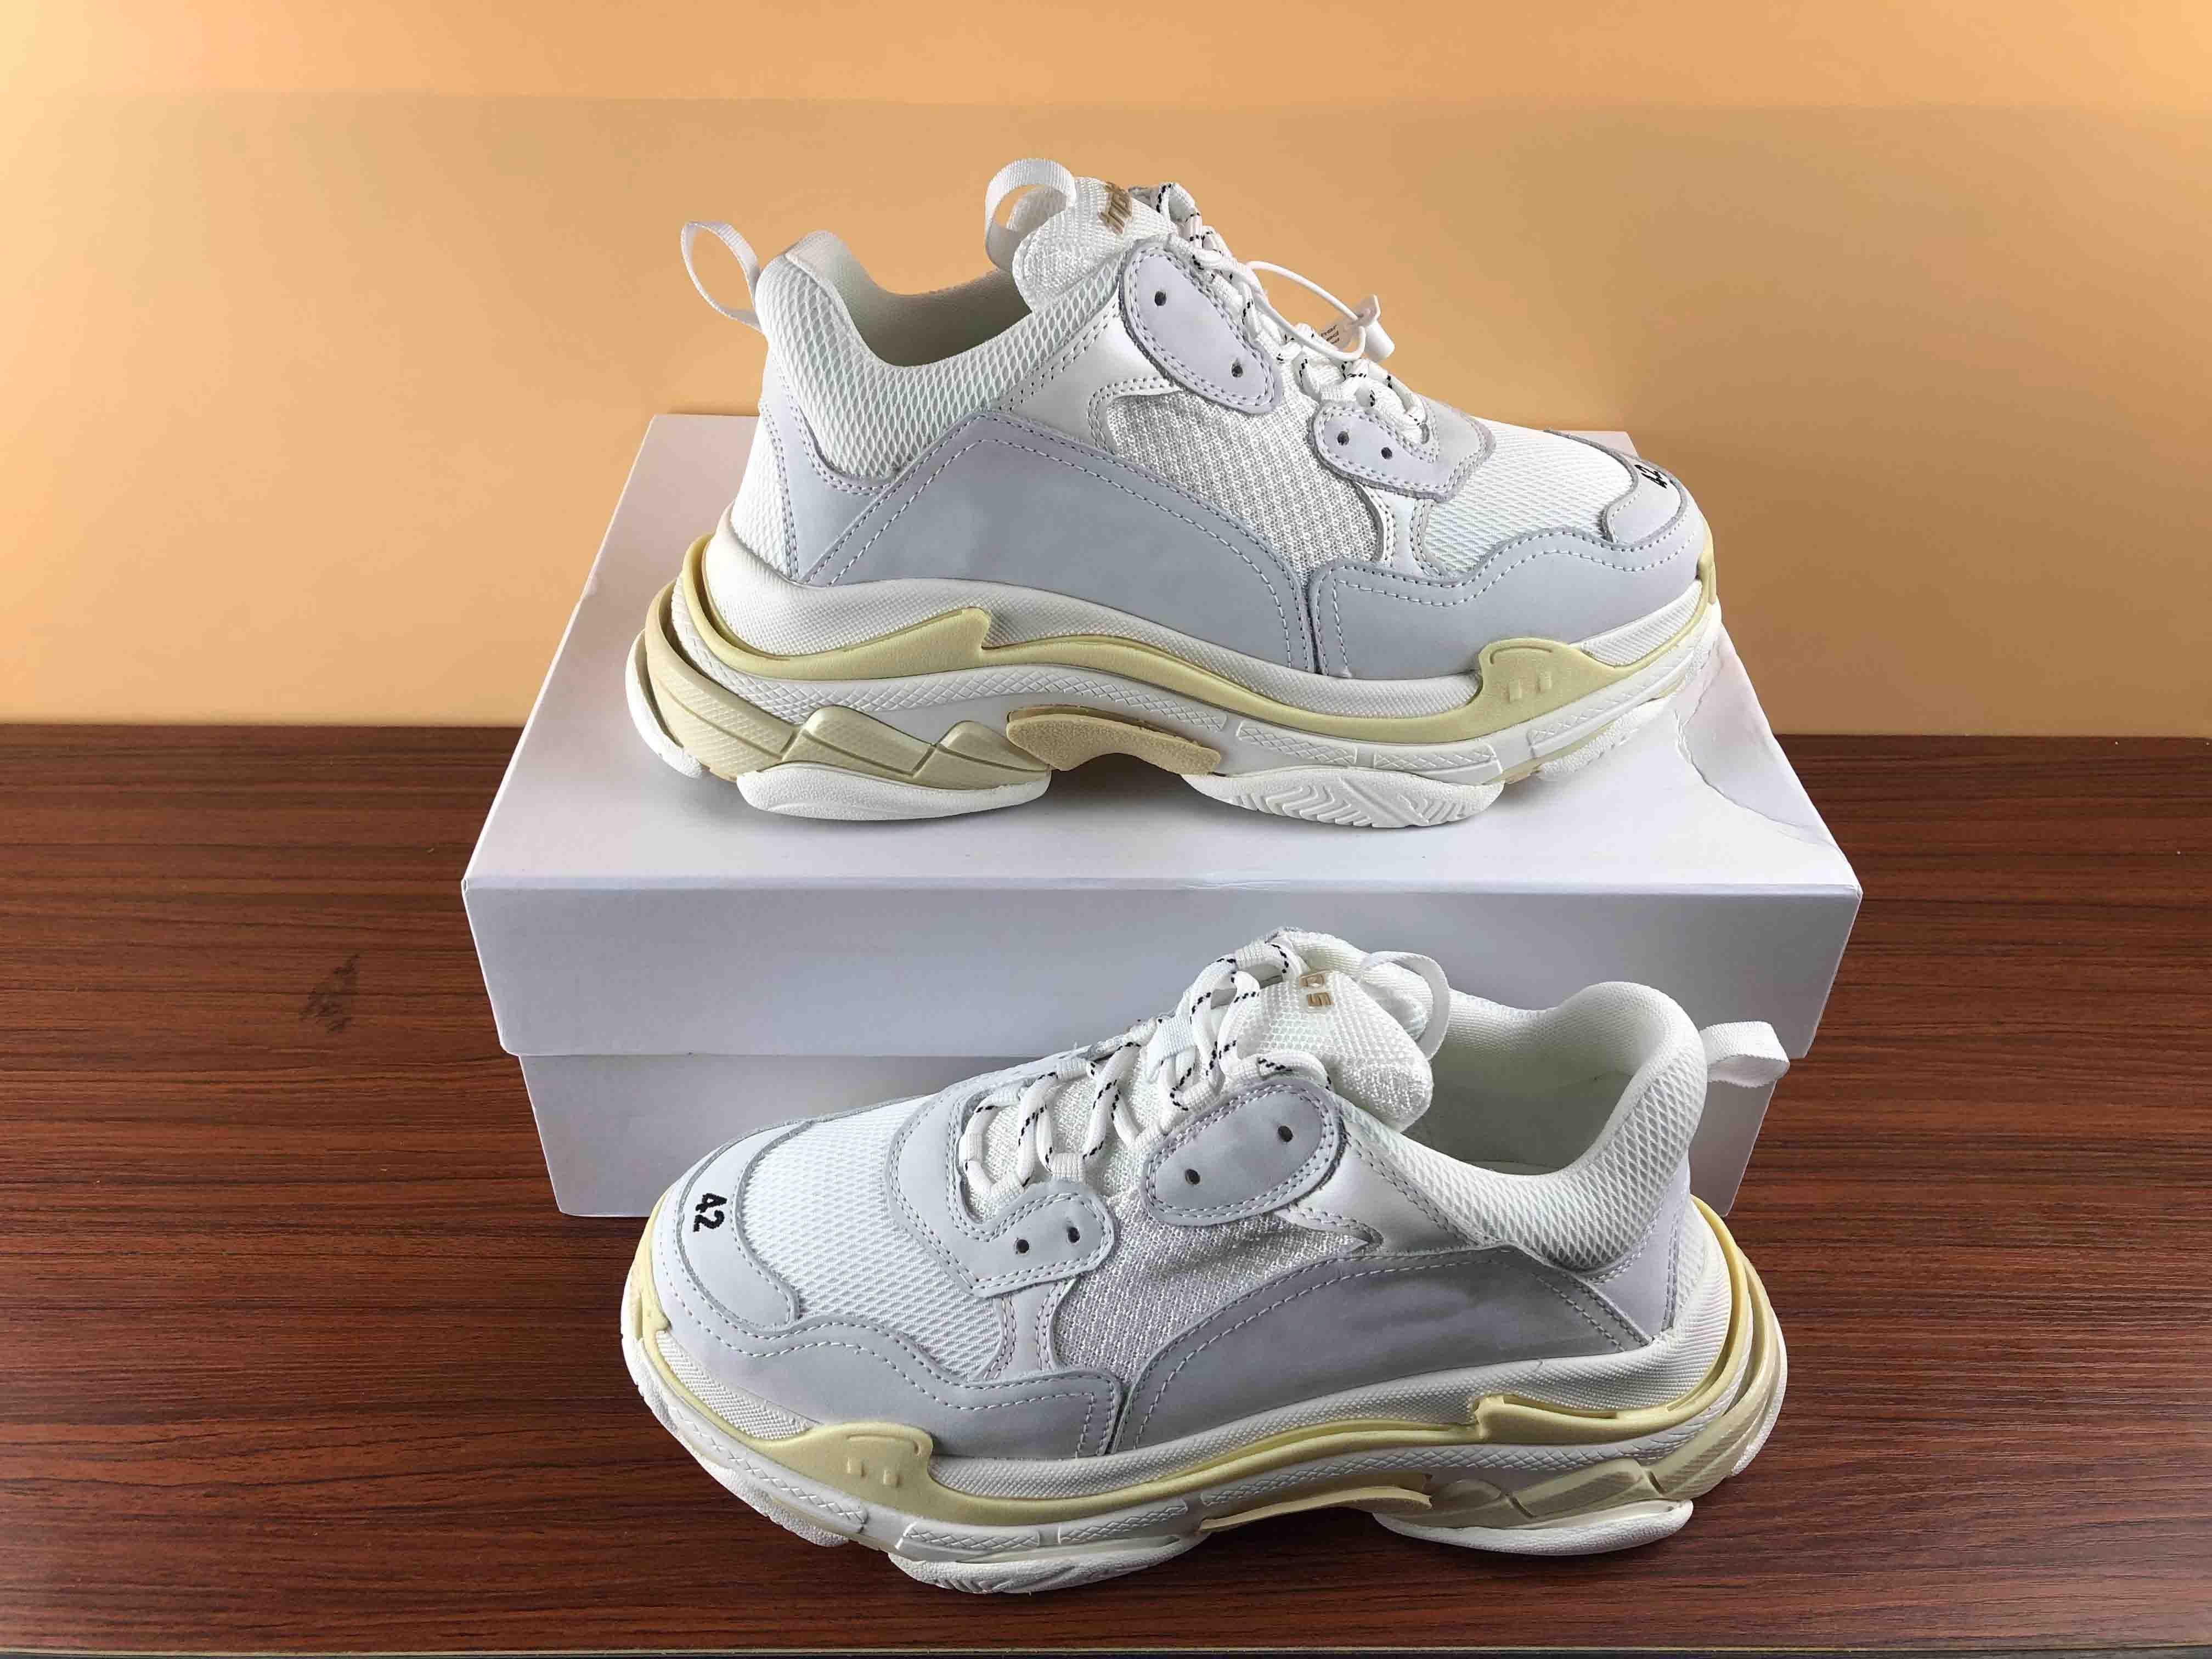 Designer Chaussures meilleur Multi De Luxe Triple S Designer Sneaker pour homme Faible Nouvelle Arrivée Semelles De Combinaison Bottes Femmes Casual ace Chaussures